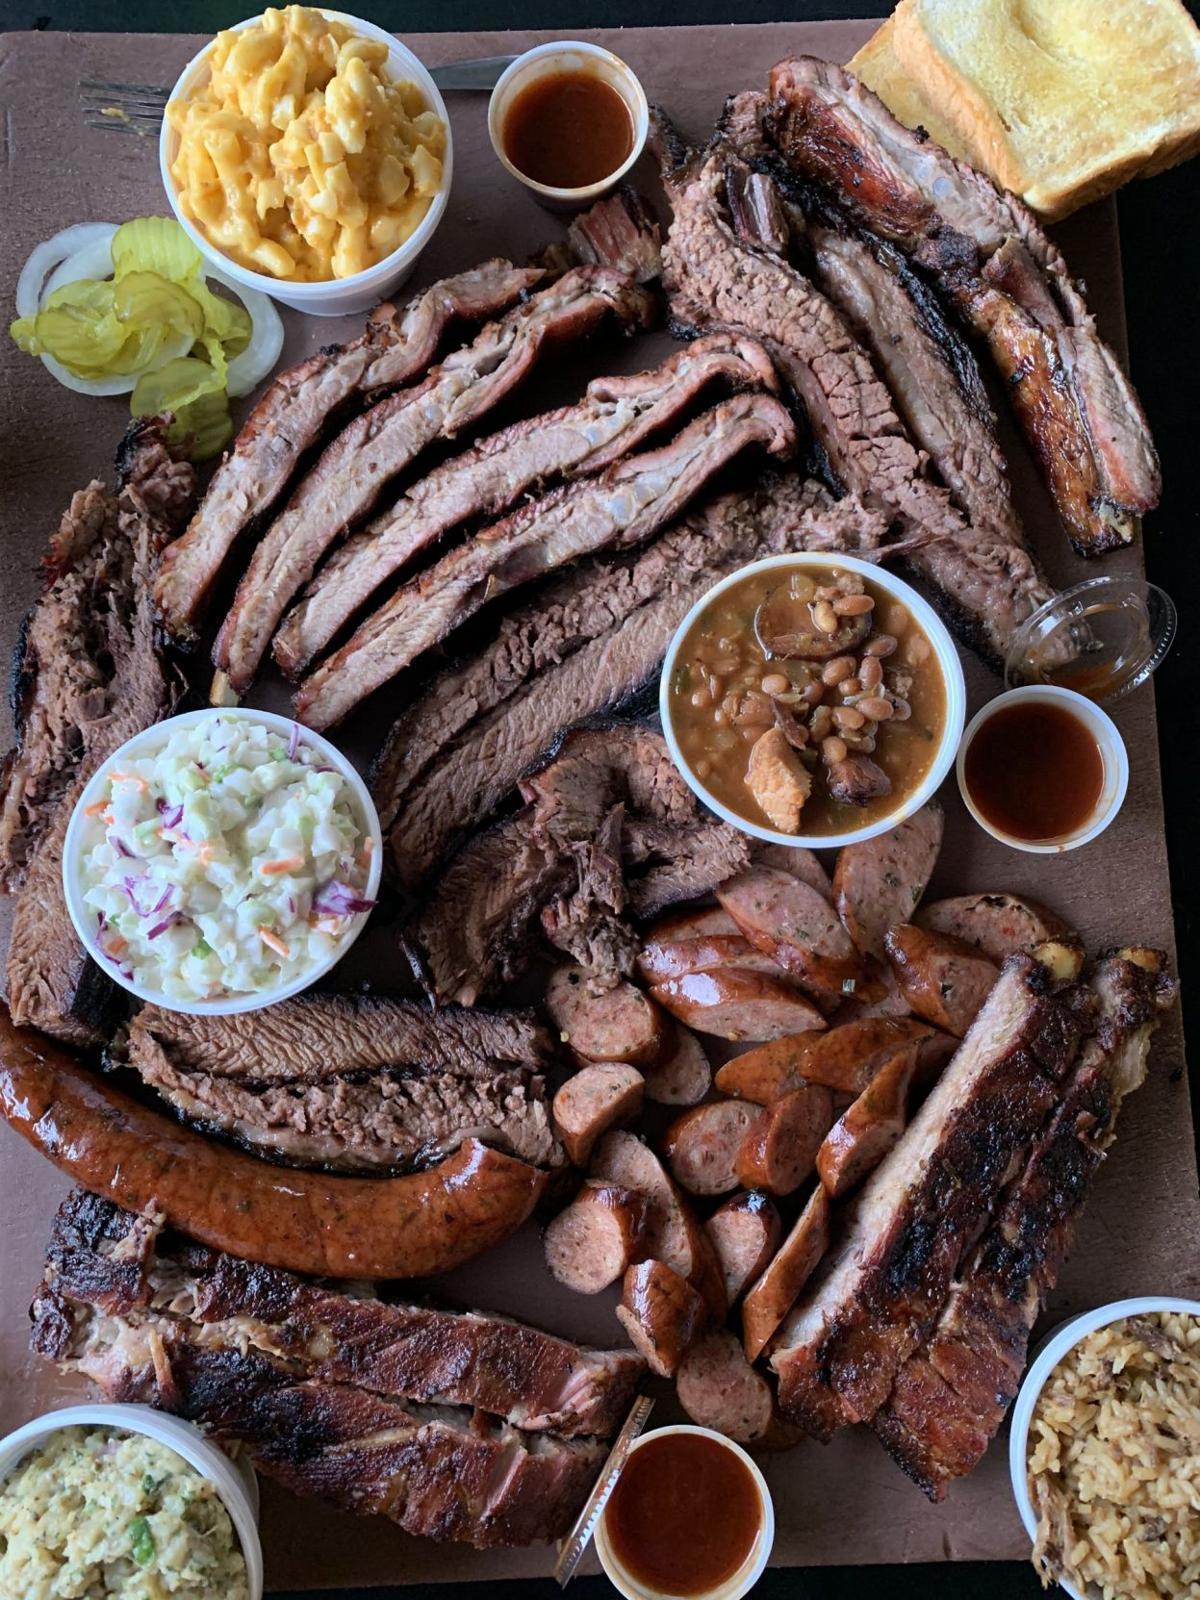 cou-yon's barbecue